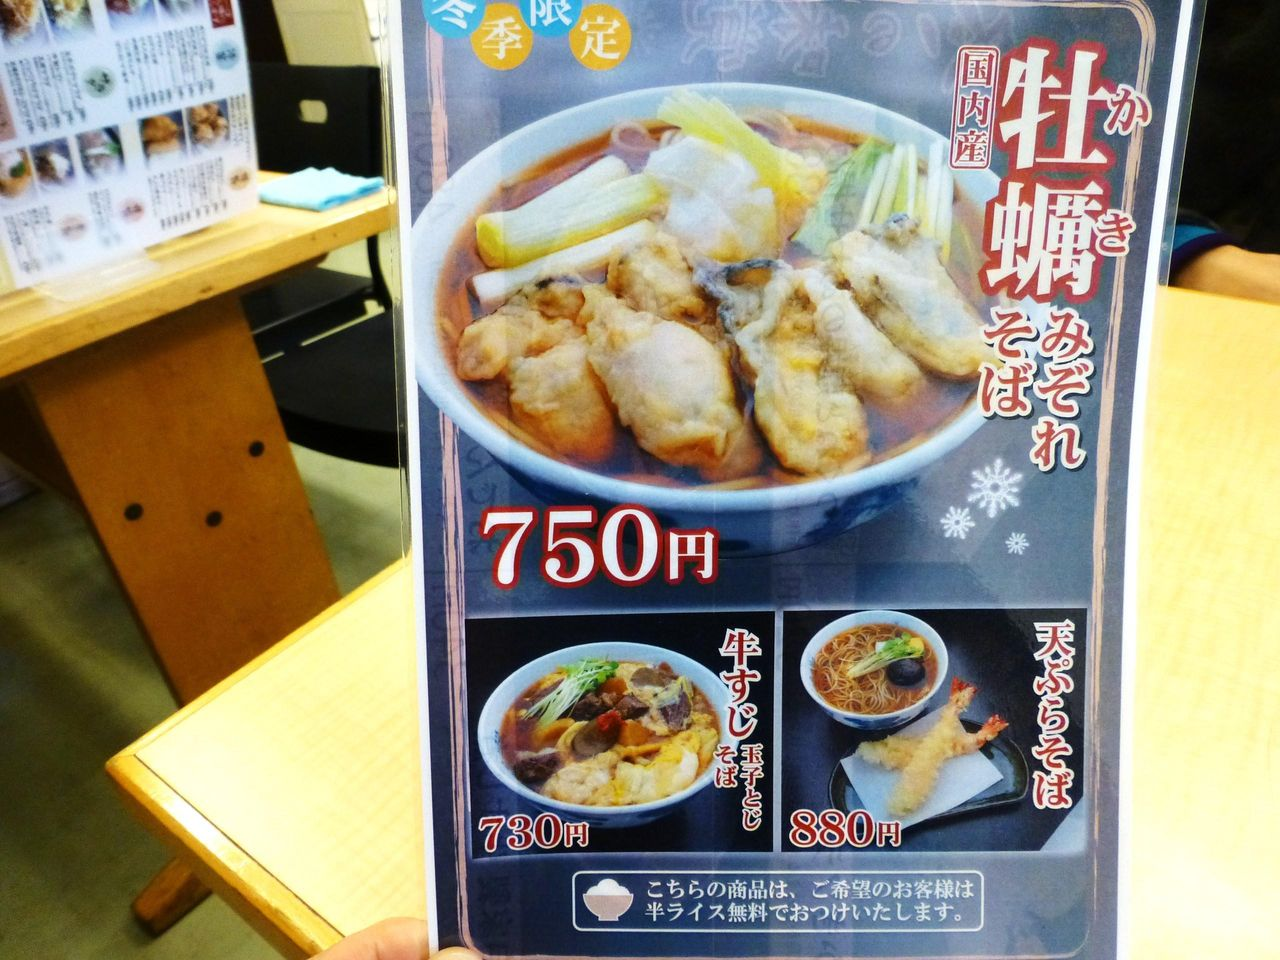 冬期限定メニュー「牡蠣みぞれそば750円」